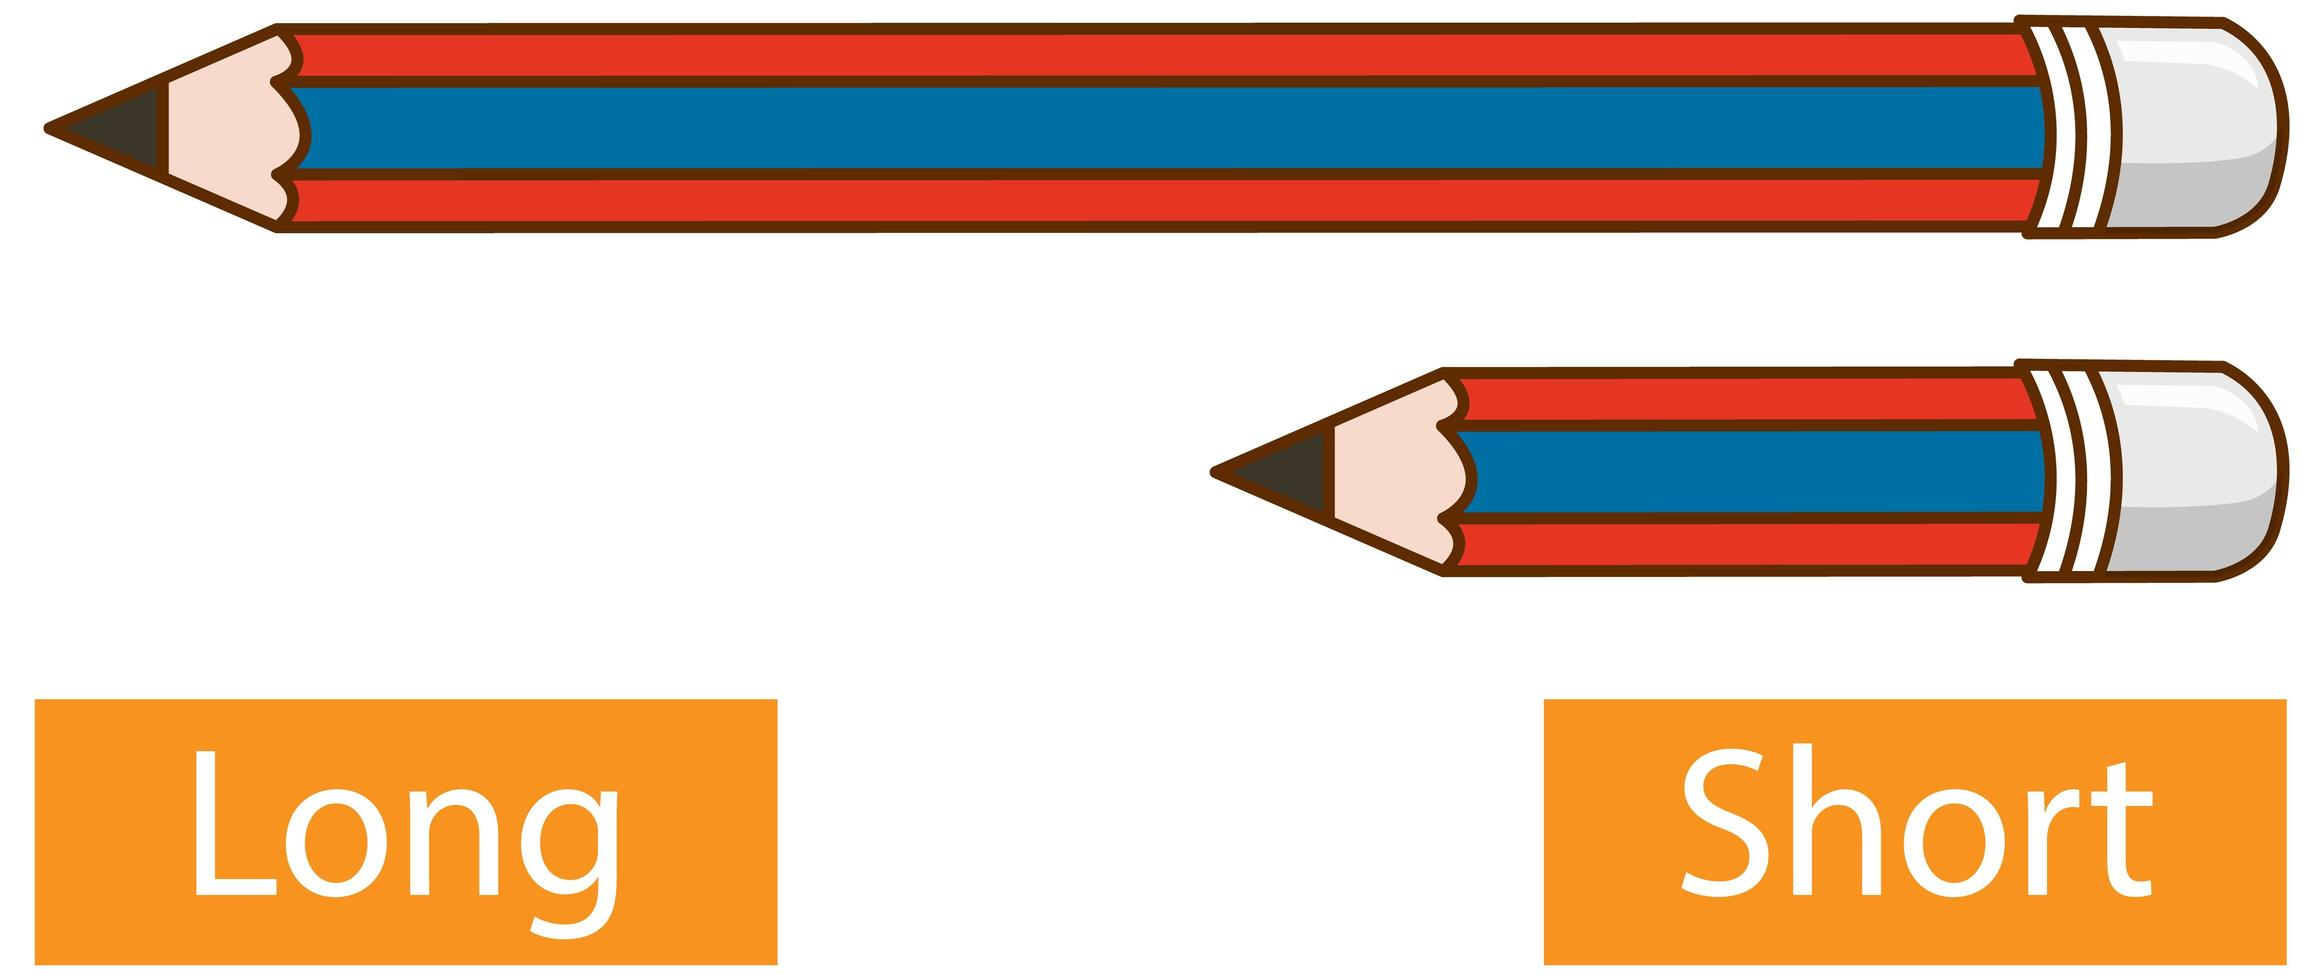 tegenovergestelde bijvoeglijke naamwoorden met lang potlood en kort potlood op witte achtergrond vector